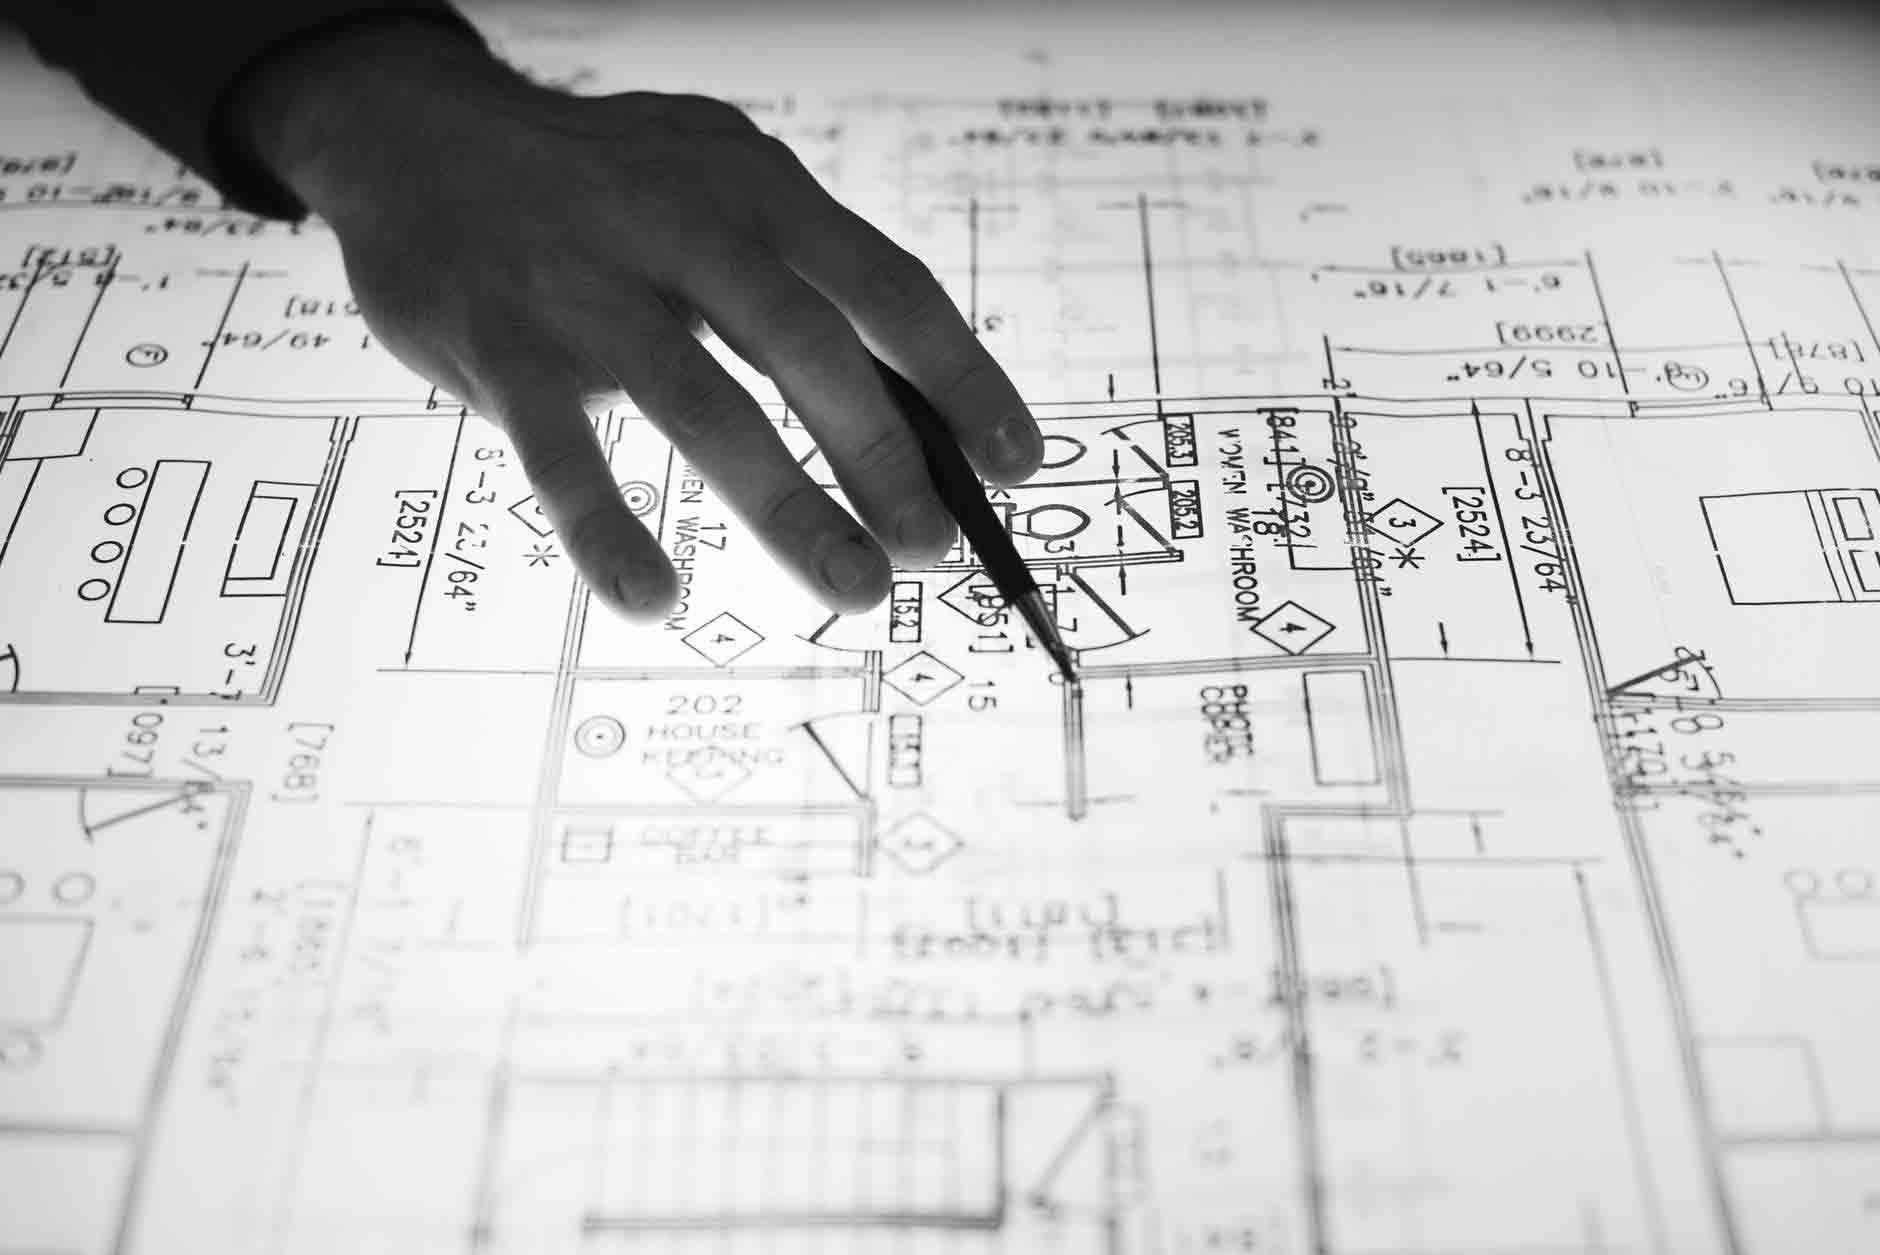 desenho-engenharia-mecania